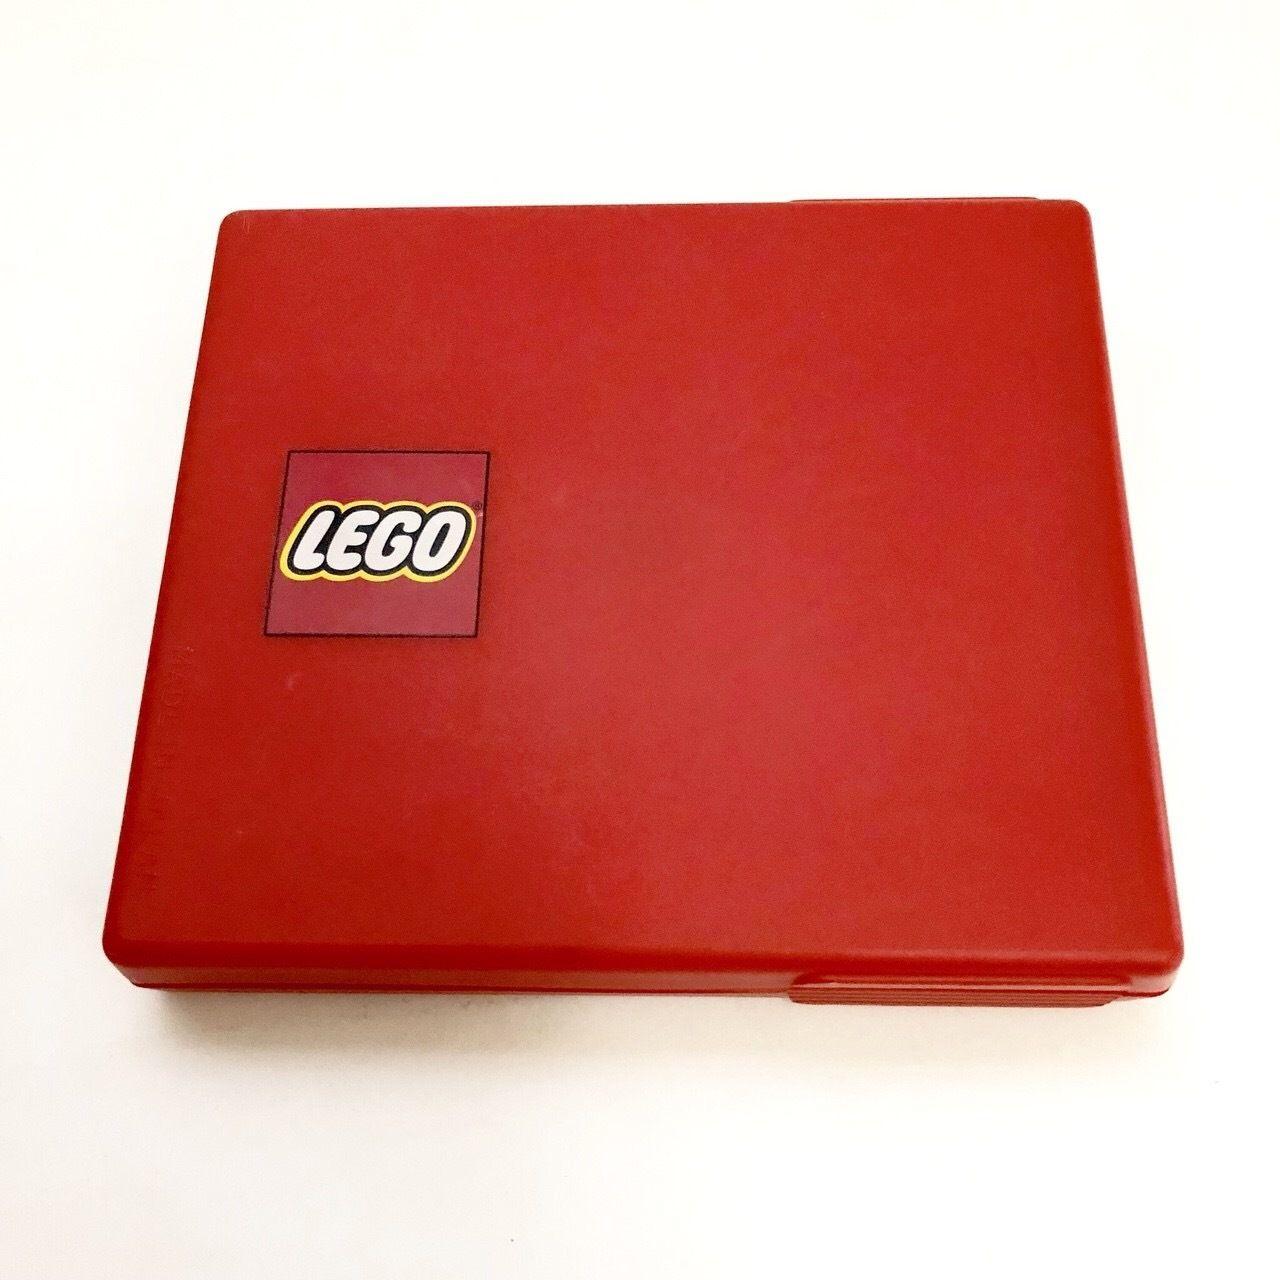 中古 LEGO   CD   ケース